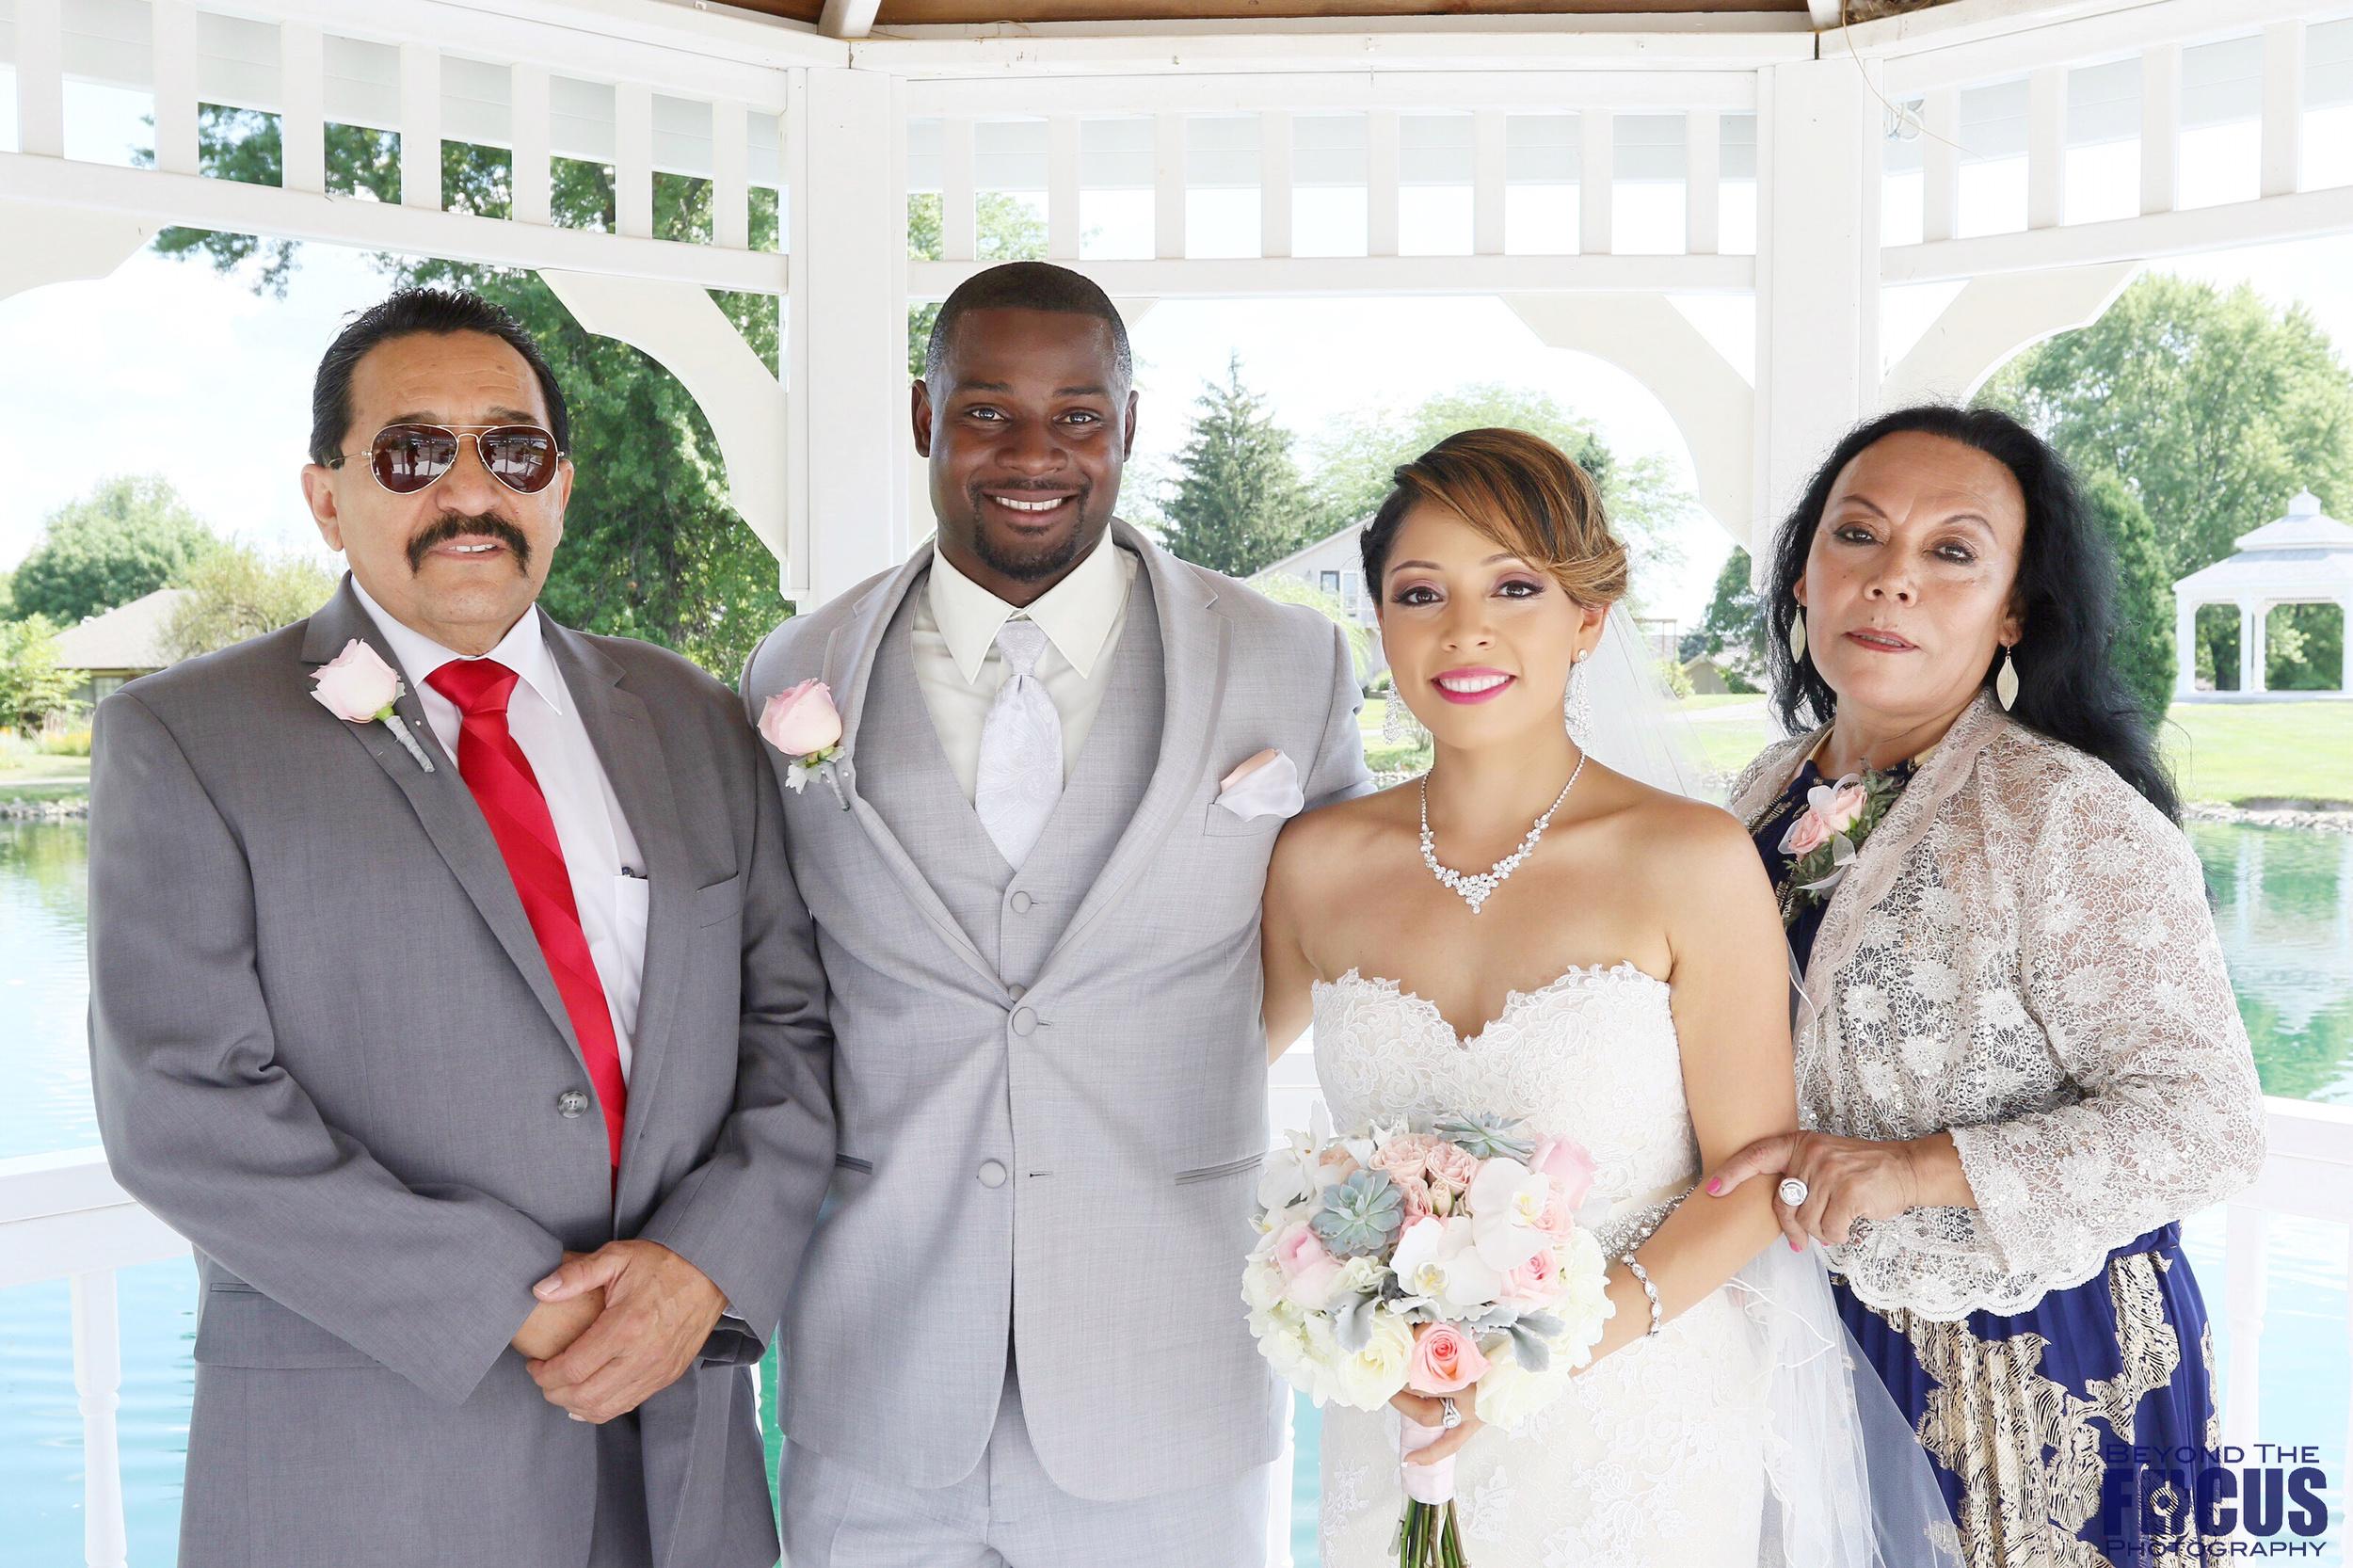 Palmer Wedding - Wedding Party12.jpg